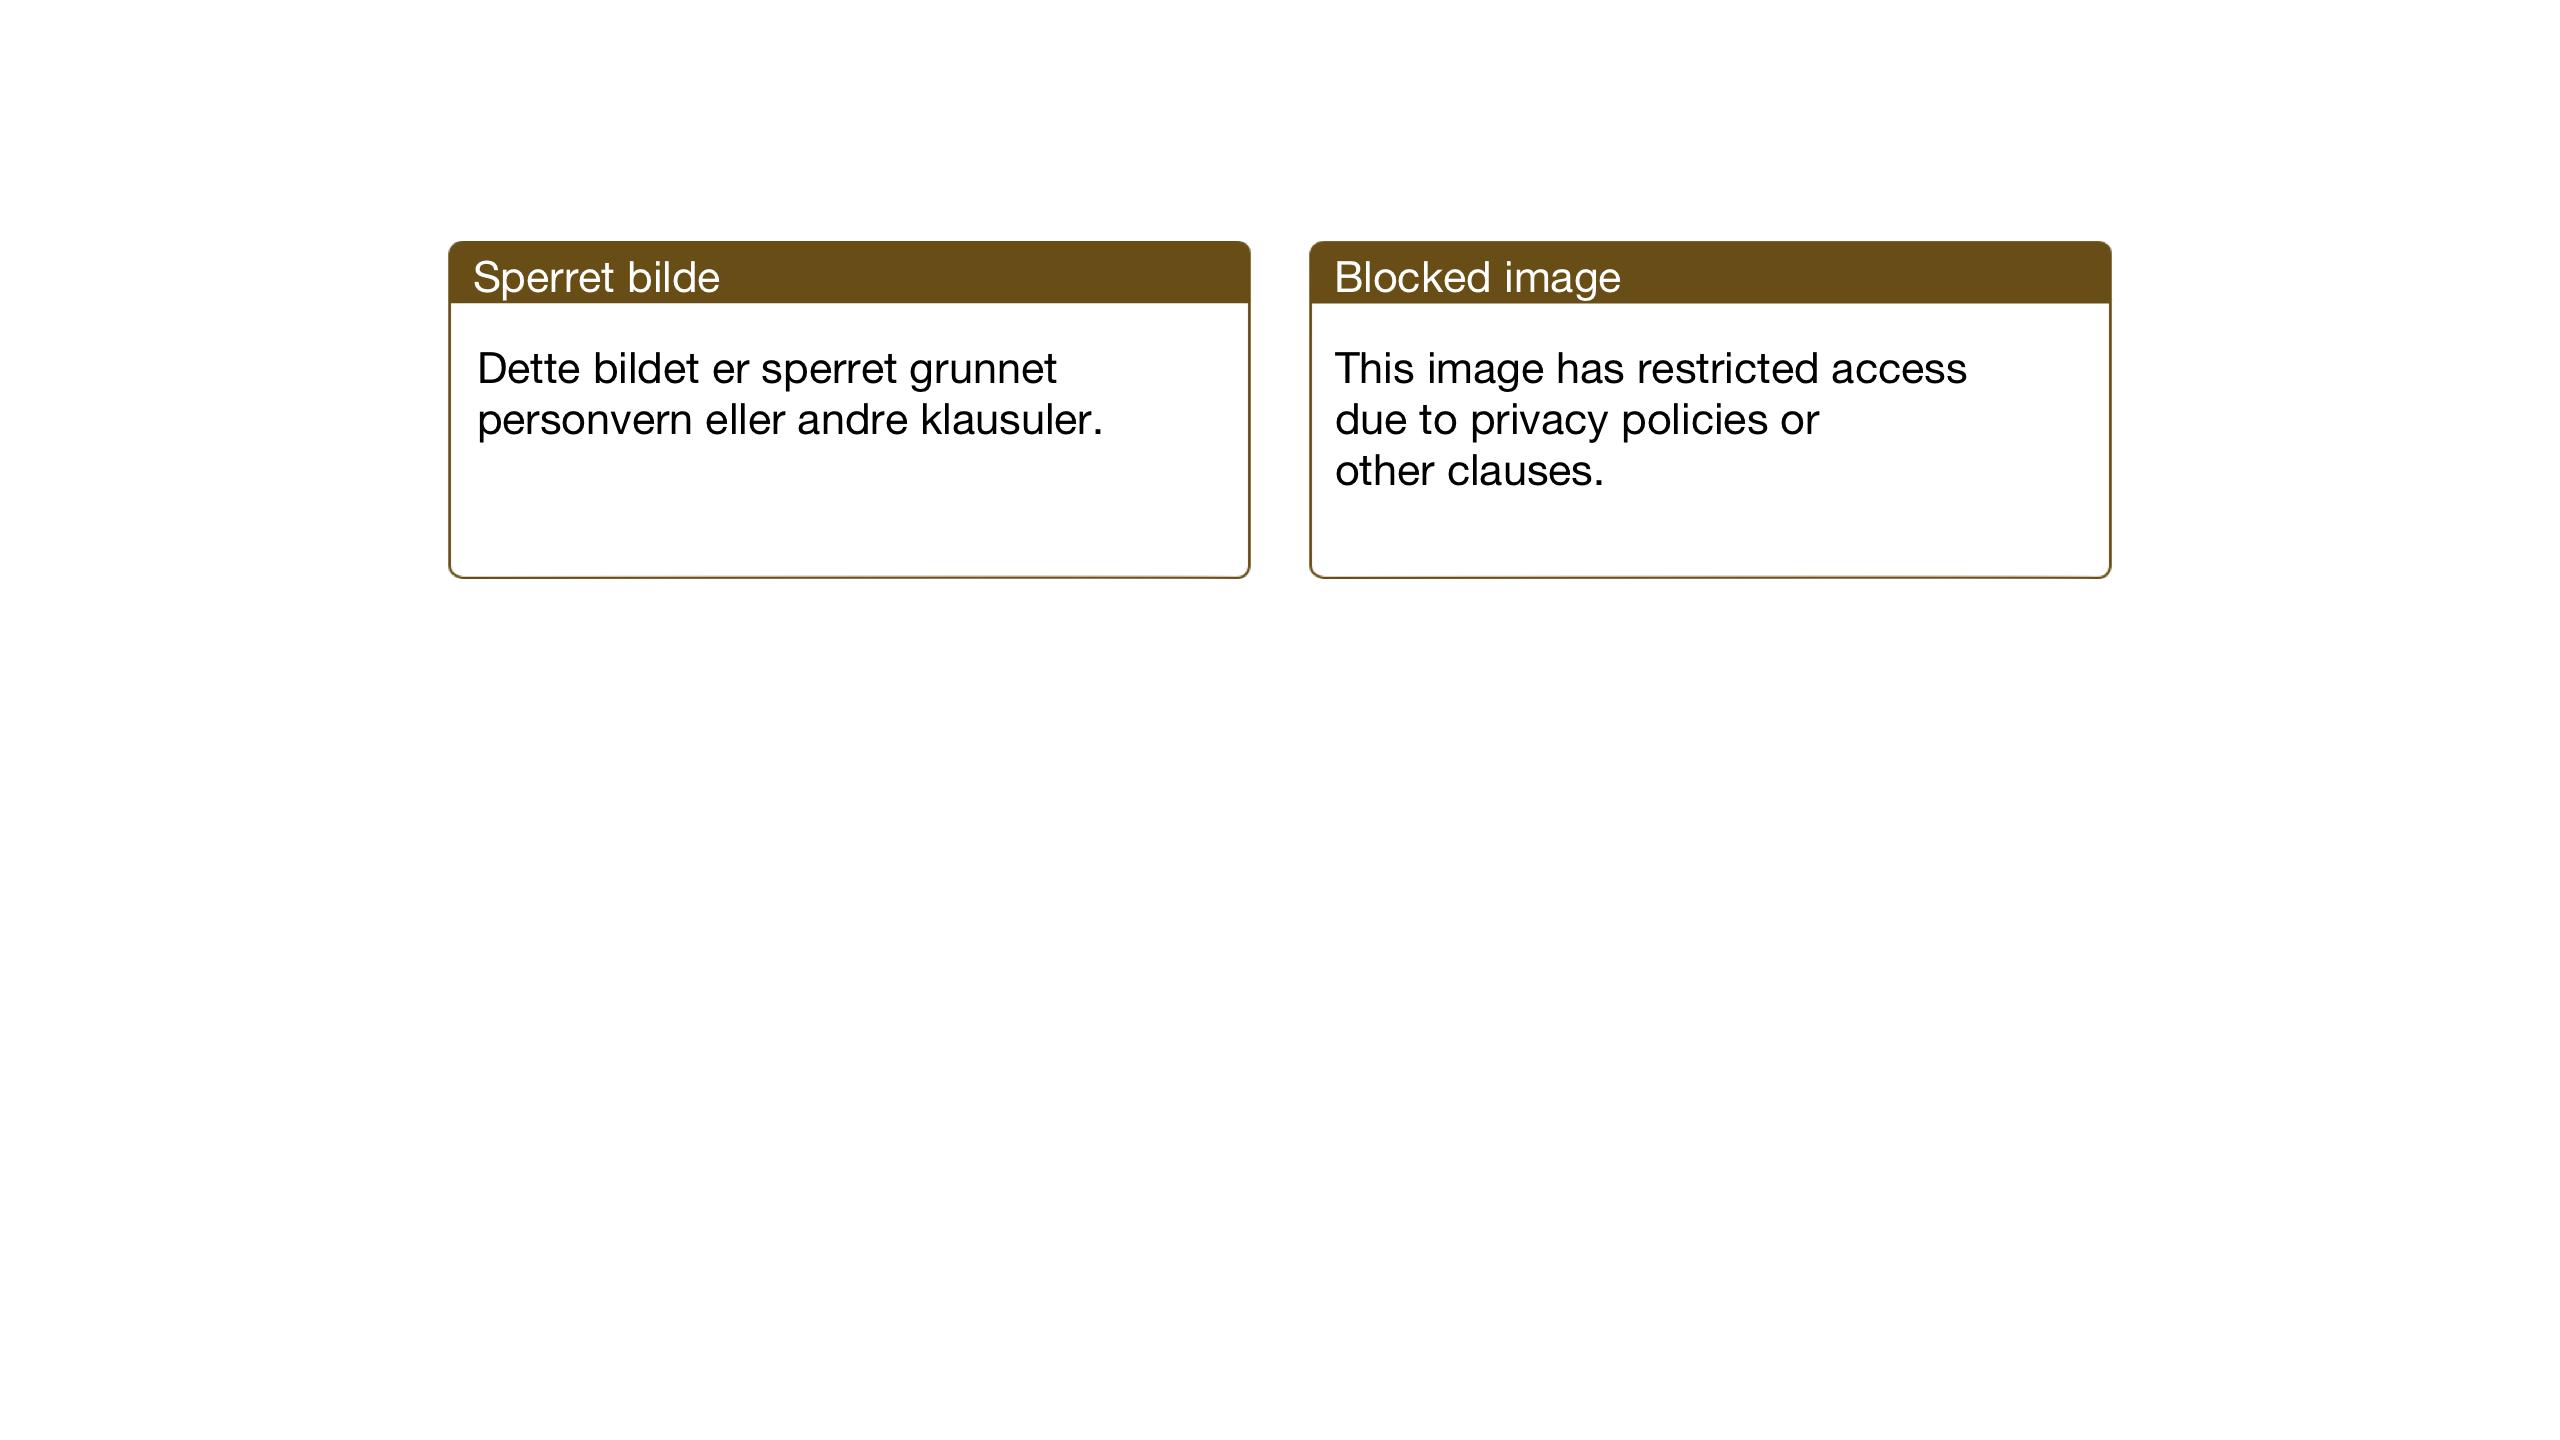 SAT, Ministerialprotokoller, klokkerbøker og fødselsregistre - Sør-Trøndelag, 603/L0174: Klokkerbok nr. 603C02, 1923-1951, s. 91